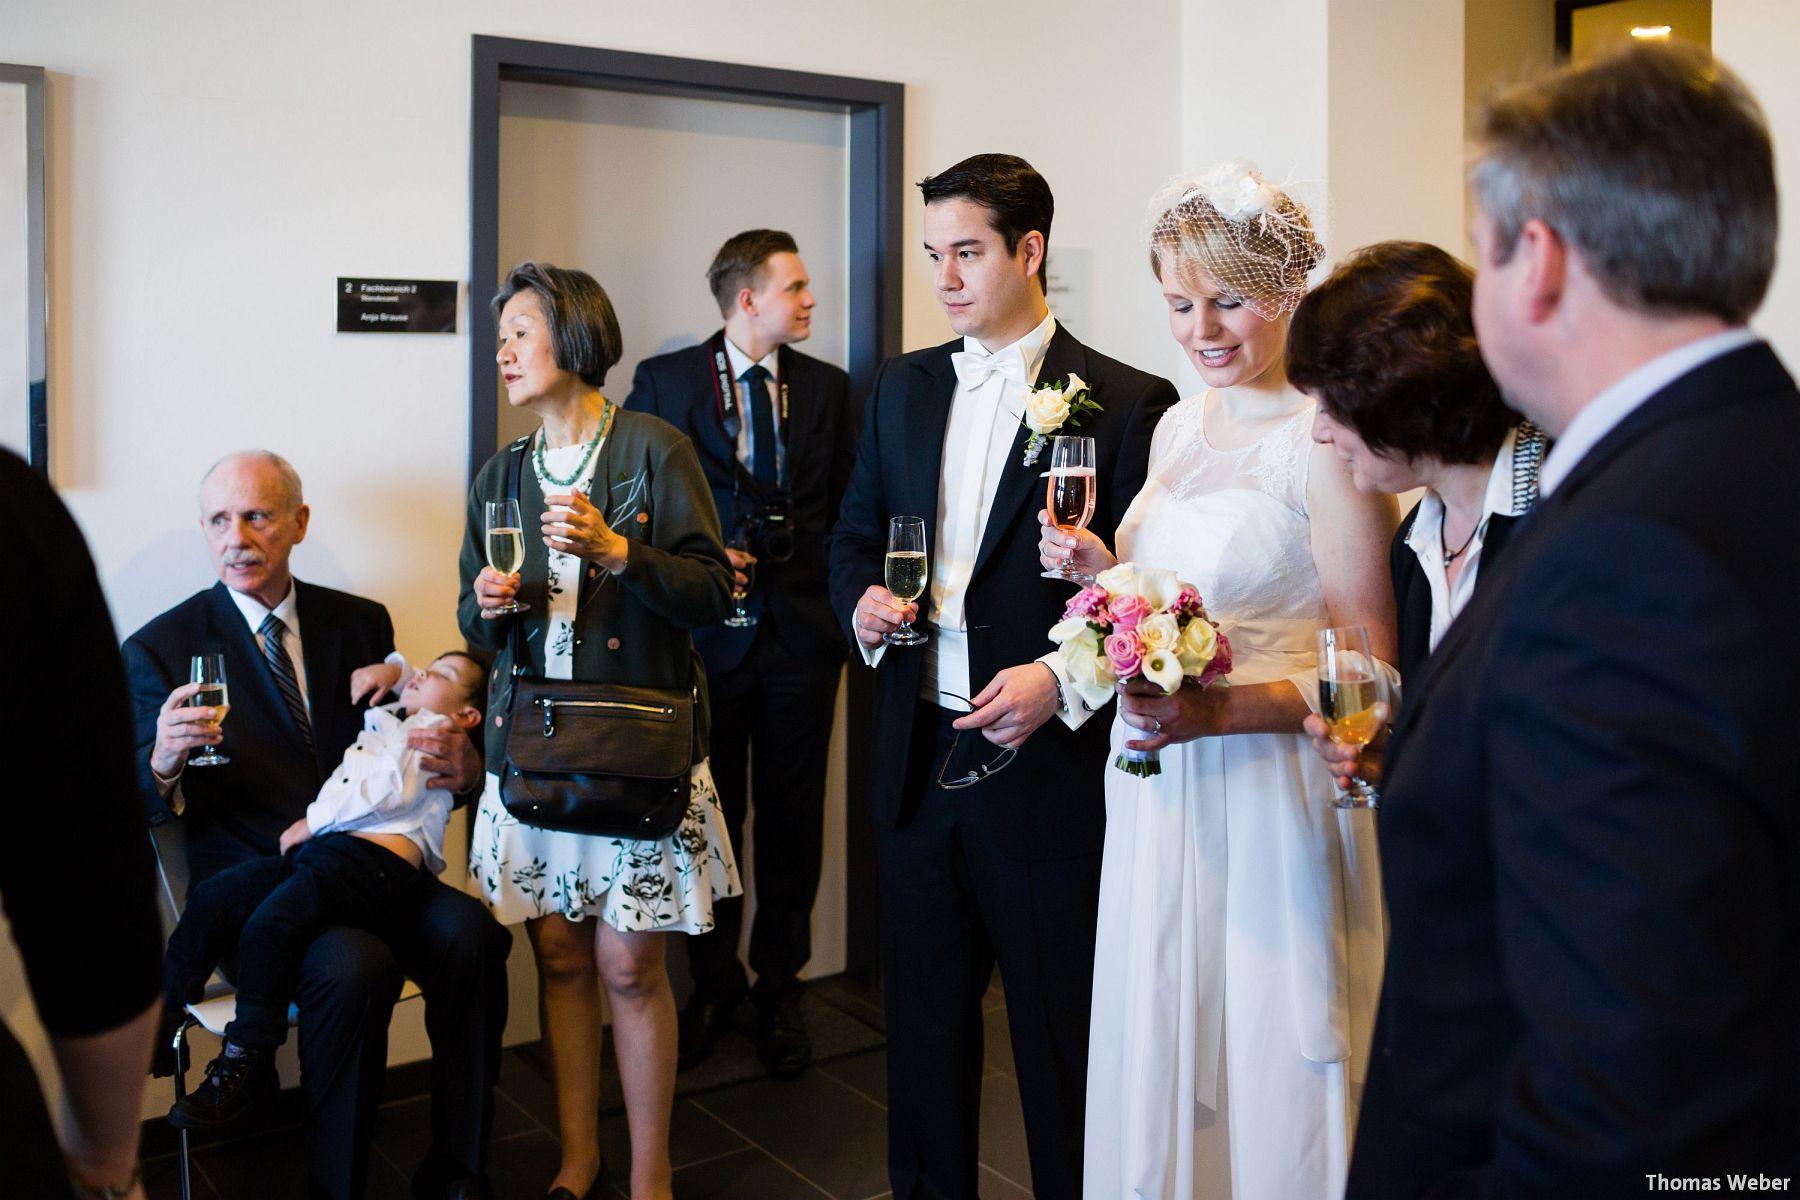 Hochzeitsfotograf Goslar: Standesamtliche Trauung in der Kaiserpfalz in Goslar (Harz) (31)